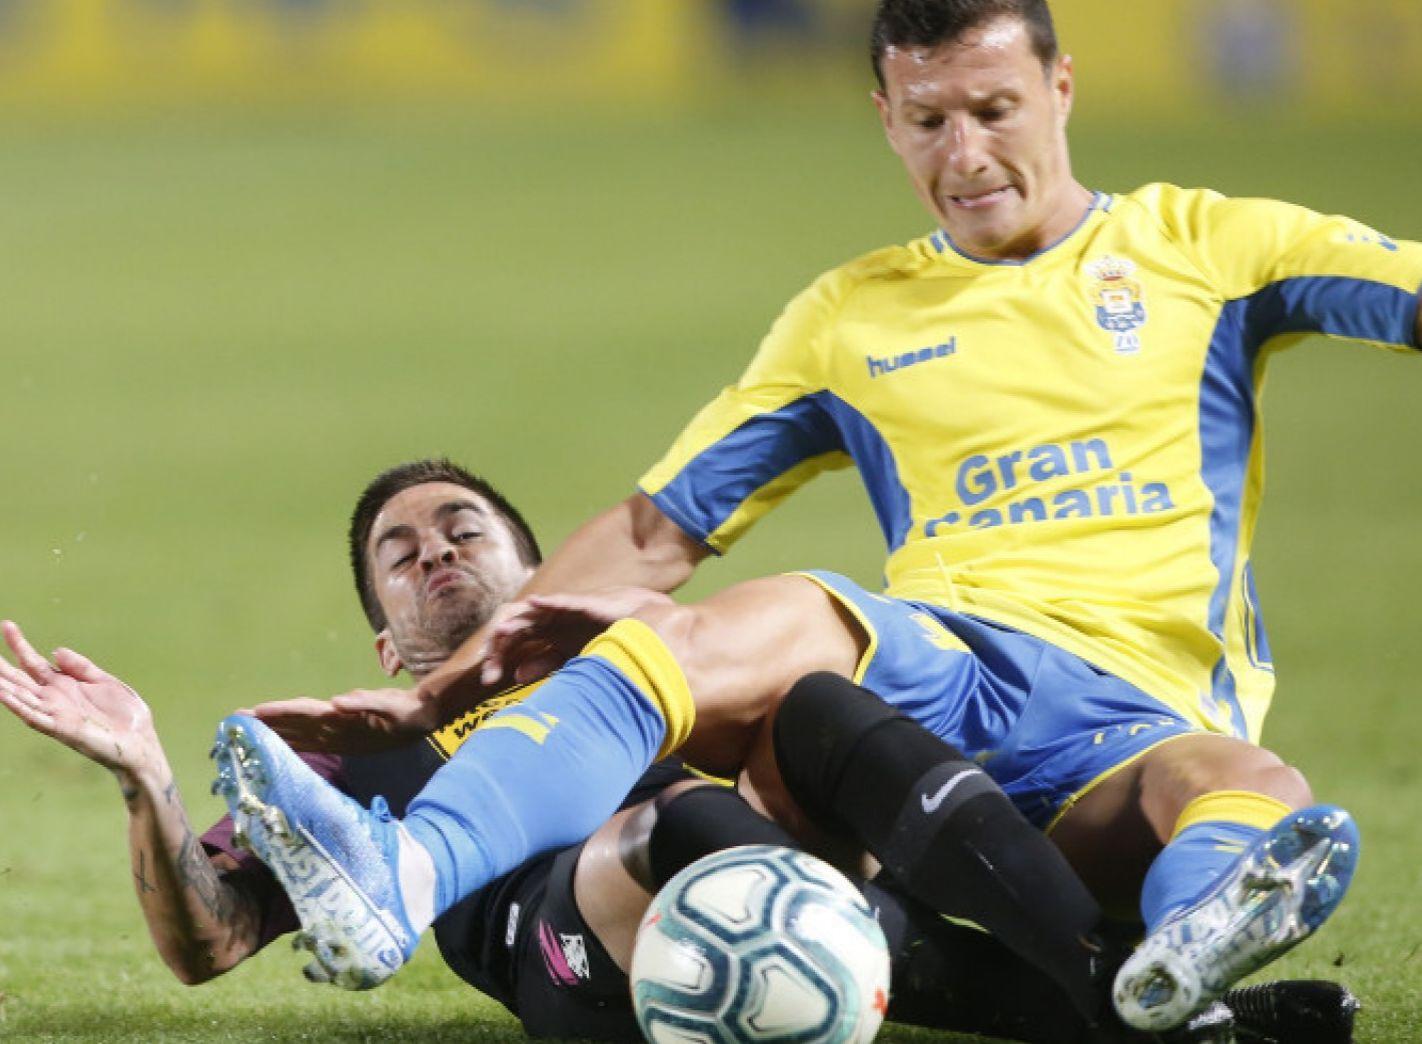 Damián Pérez en el lance que le provocó la lesión